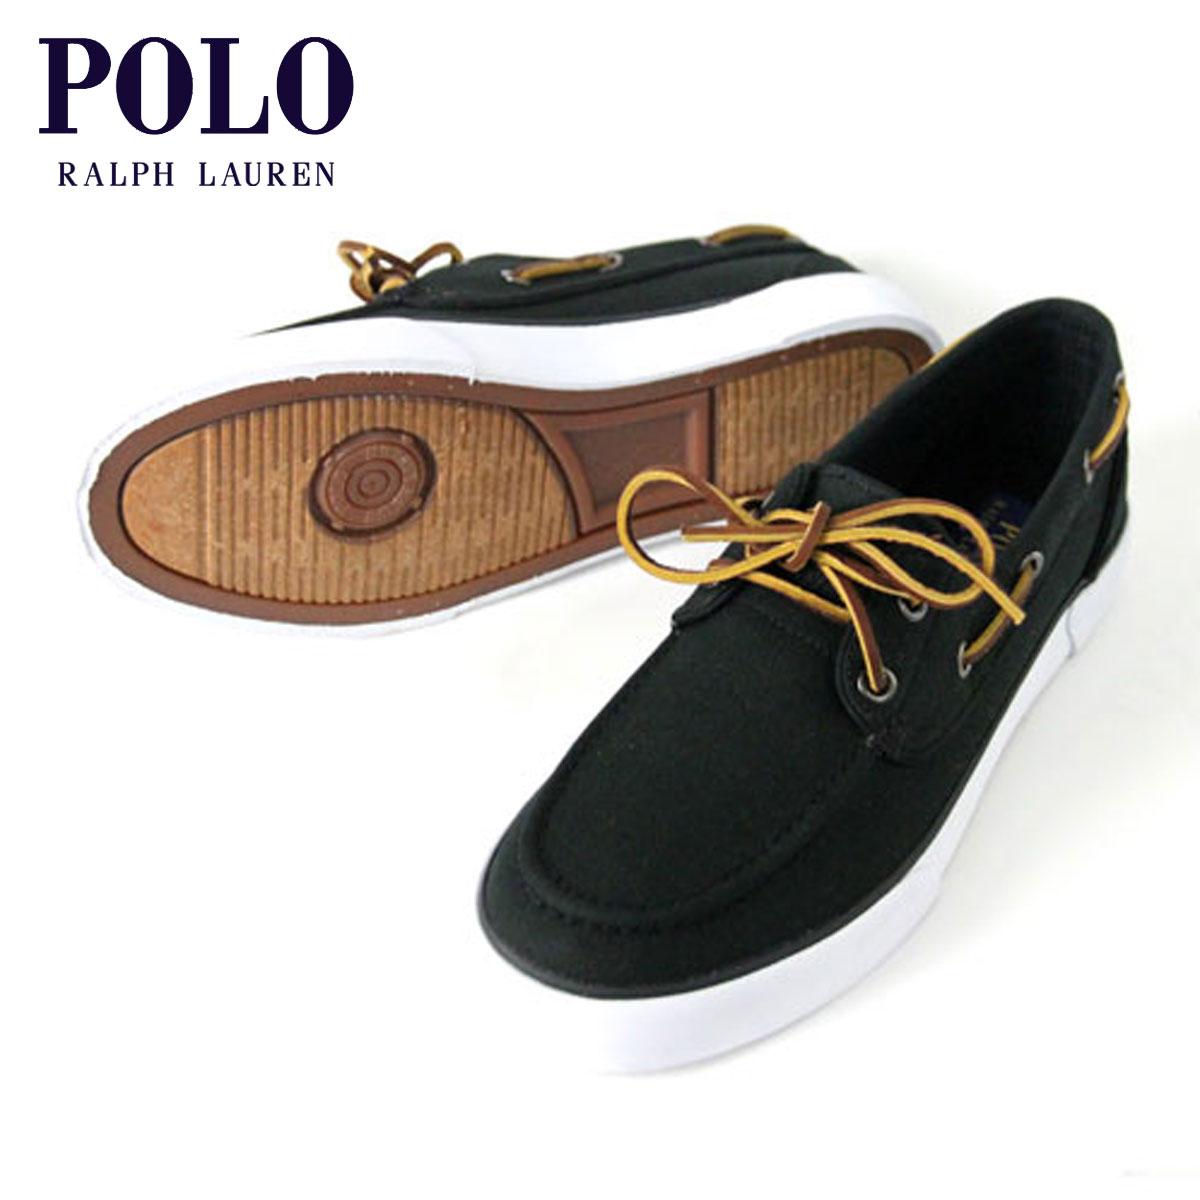 ポロ ラルフローレン POLO RALPH LAUREN 正規品 メンズ 靴 シューズ CANVAS SANDER SNEAKER